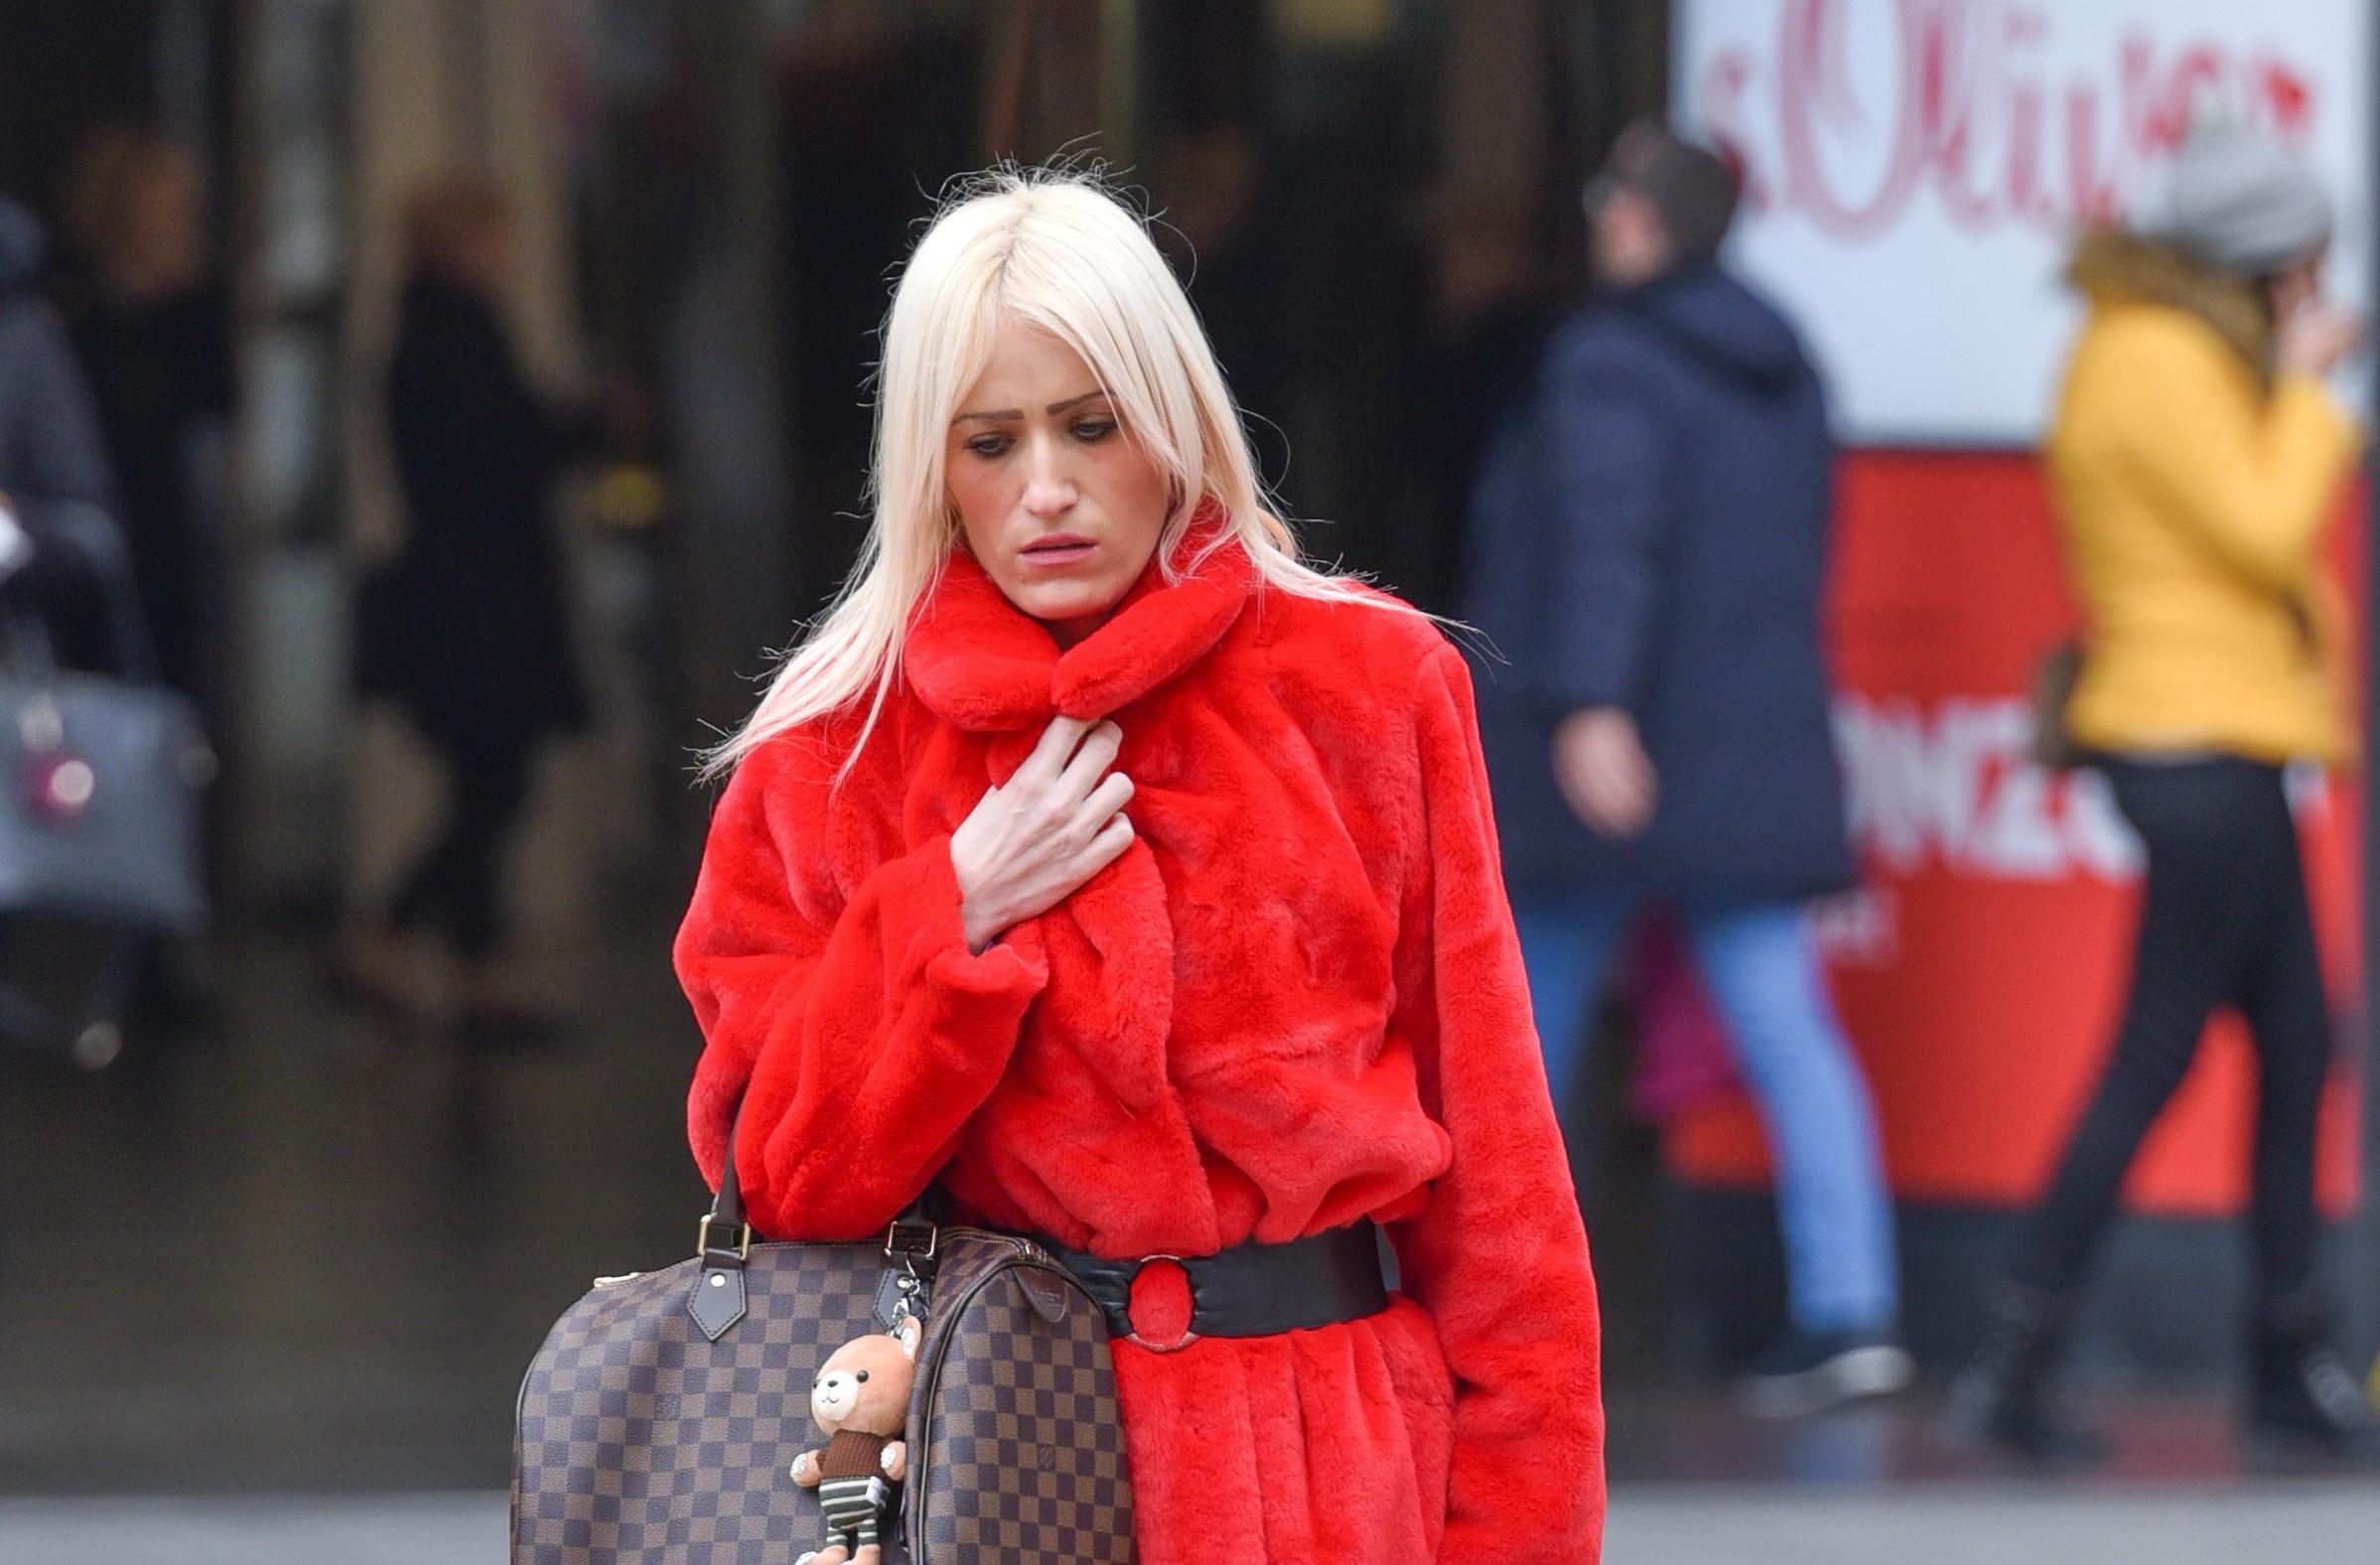 Plavokosa dama s Cvjetnog u crvenoj krznenoj bundi ukrala je svu pozornost